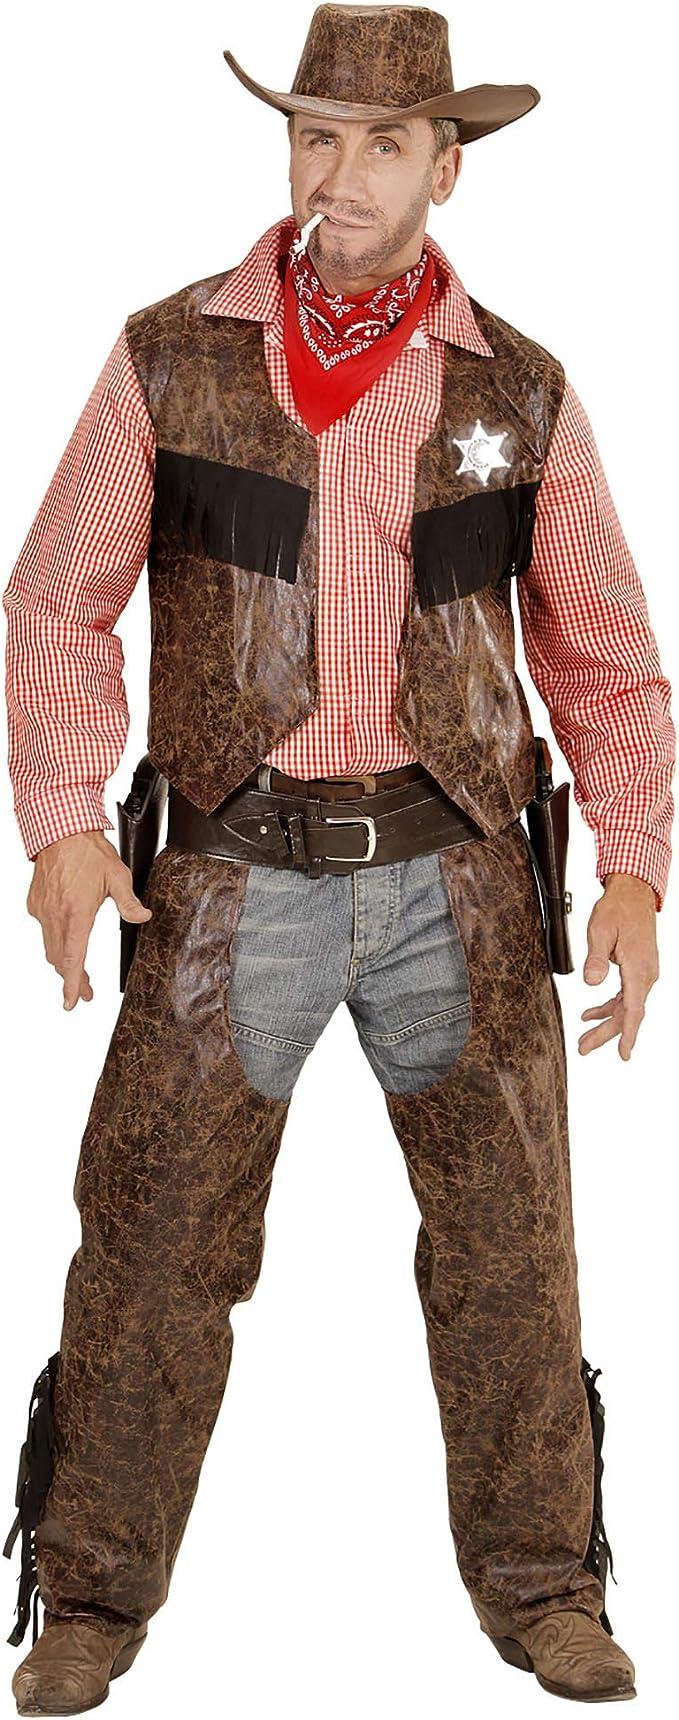 WIDMANN 05923 Adulto Camiseta Disfraz de Vaquero con Chaleco, chaparreras y Sombrero